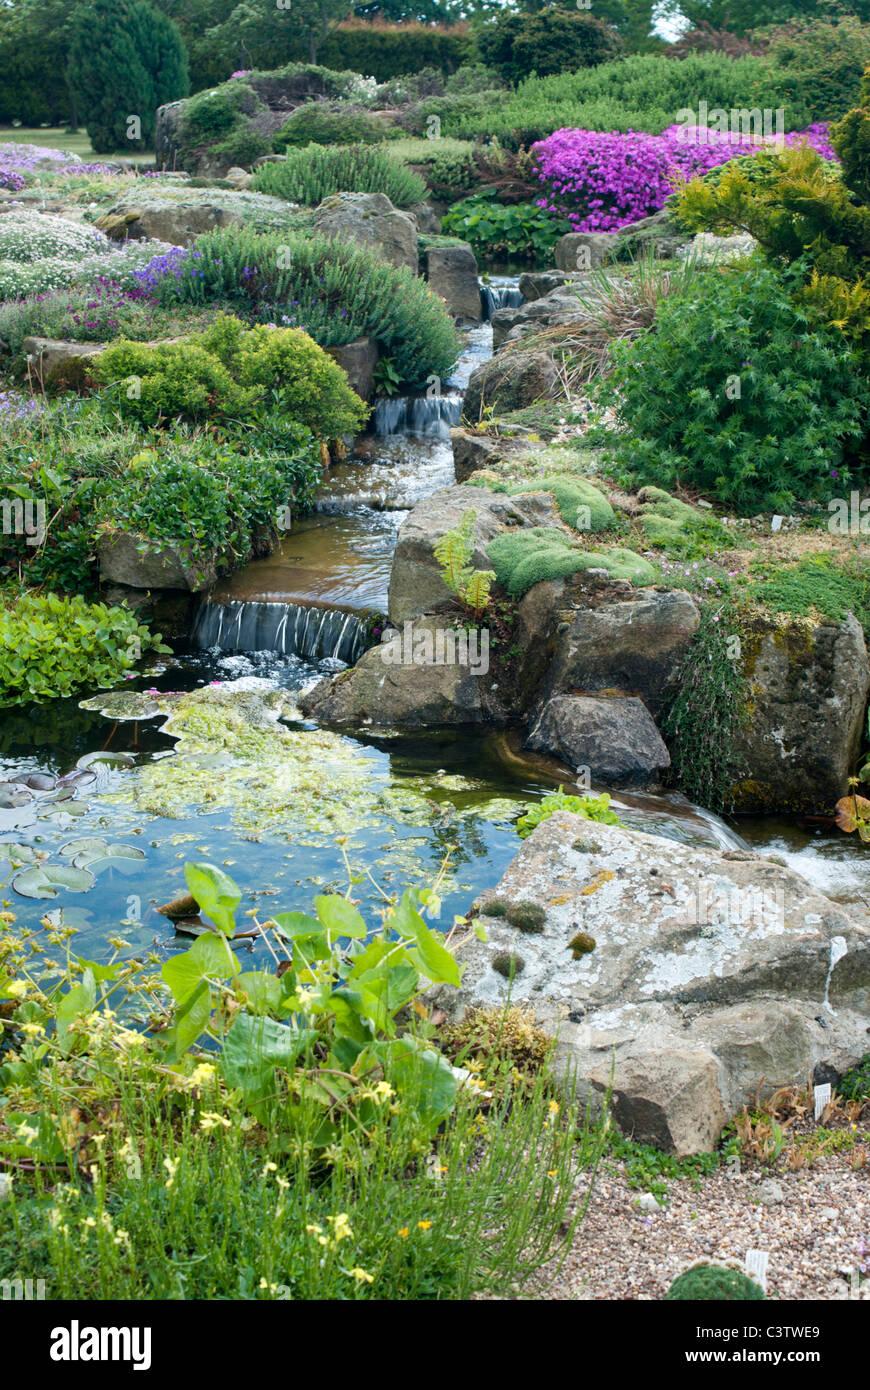 Alpine Steingarten mit einem Wasserspiel Stockfoto, Bild: 36811553 ...